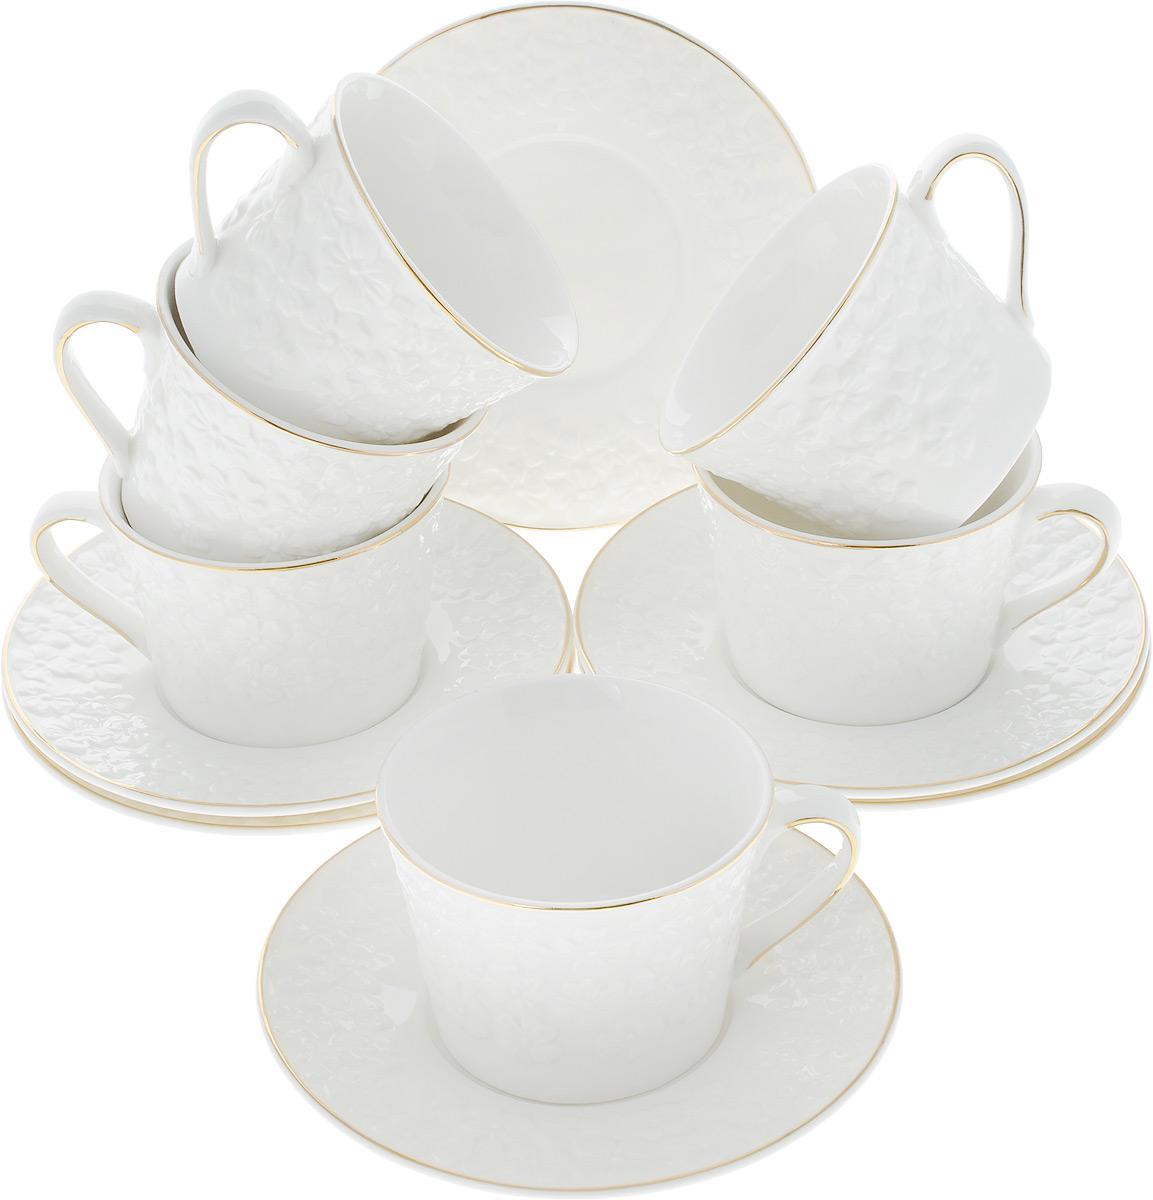 Набор чайный Elan Gallery Белоснежные цветы, 12 предметов730616Чайный набор Elan Gallery Белоснежные цветы состоит из 6 чашек, 6 блюдец, изготовленных из высококачественного фарфора. Предметы набора декорированы изображением цветов.Чайный набор Elan Gallery Белоснежные цветы украсит ваш кухонный стол, а также станет замечательным подарком друзьям и близким.Изделие упаковано в подарочную коробку с атласной подложкой. Не рекомендуется применять абразивные моющие средства. Не использовать в микроволновой печи.Объем чашки: 210 мл.